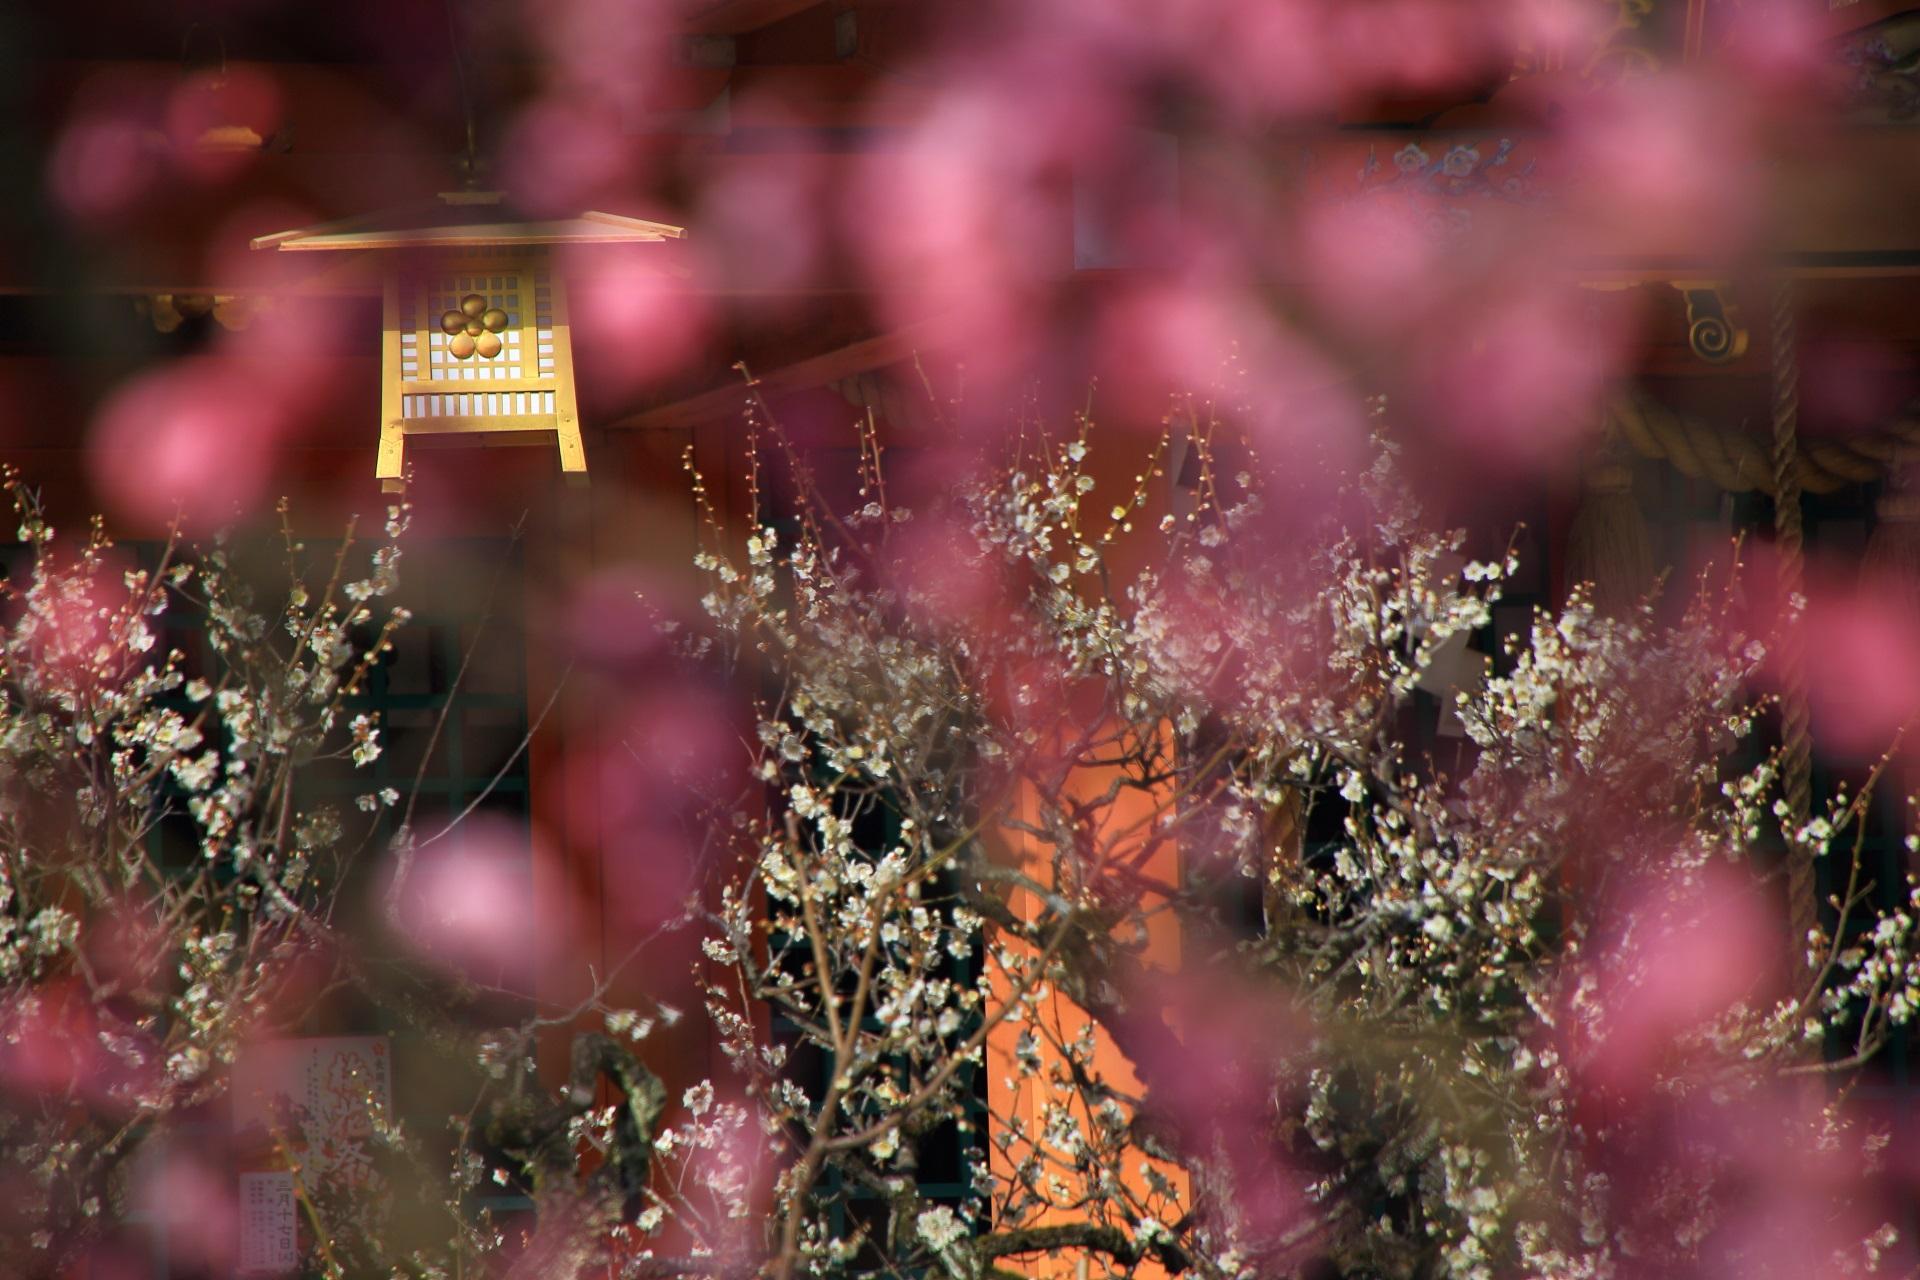 ぼやけたピンクの梅の花と本殿の吊り灯篭と白梅